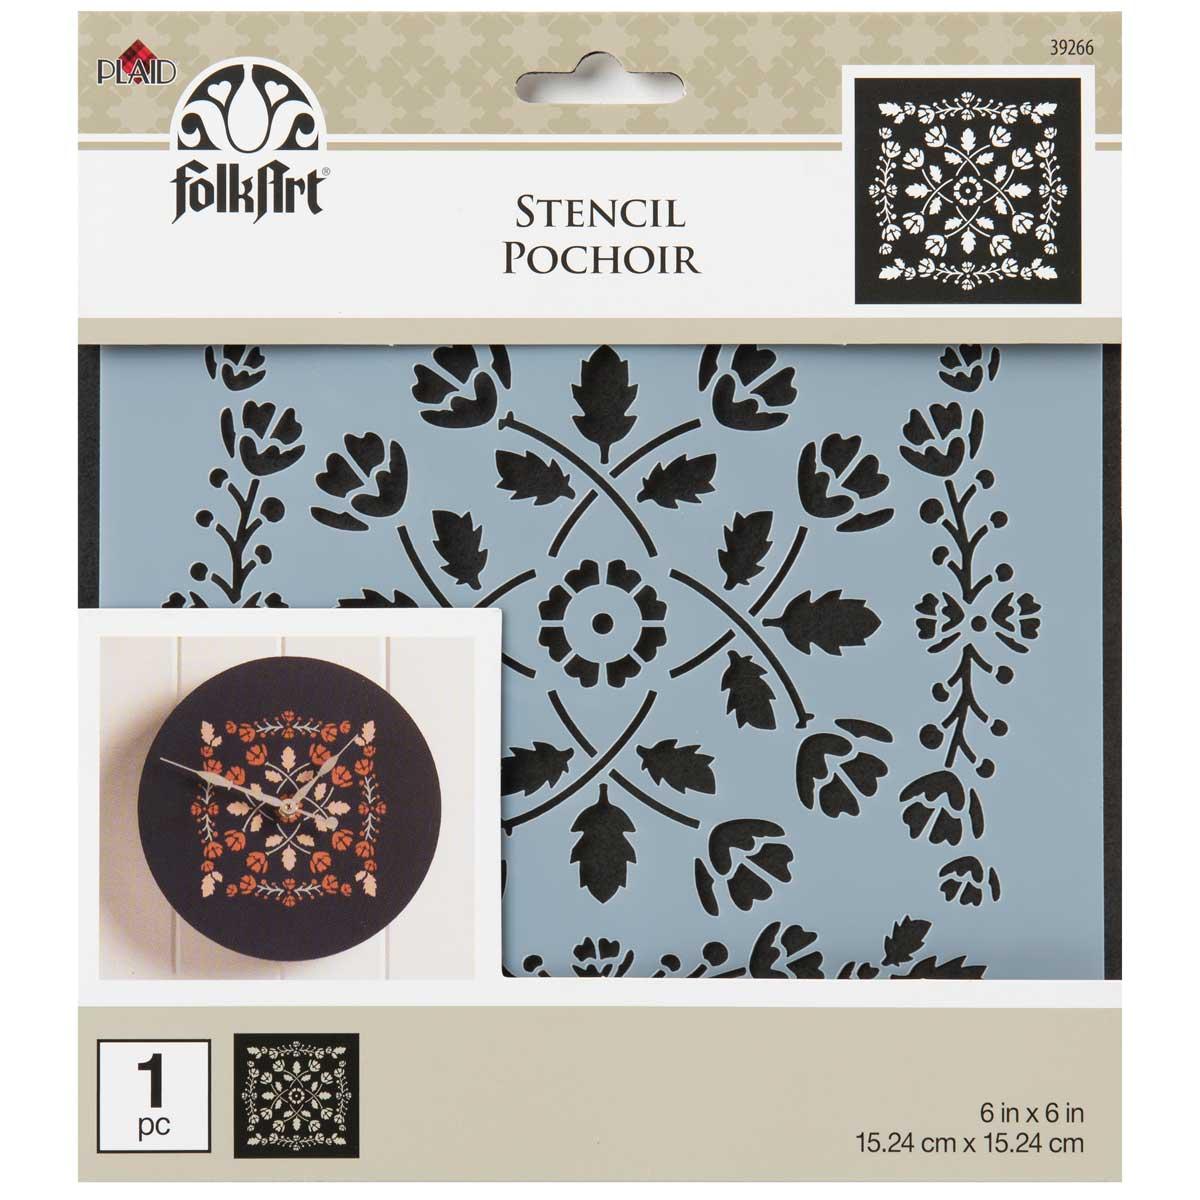 FolkArt ® Painting Stencils - Small - Folk Art - 39266